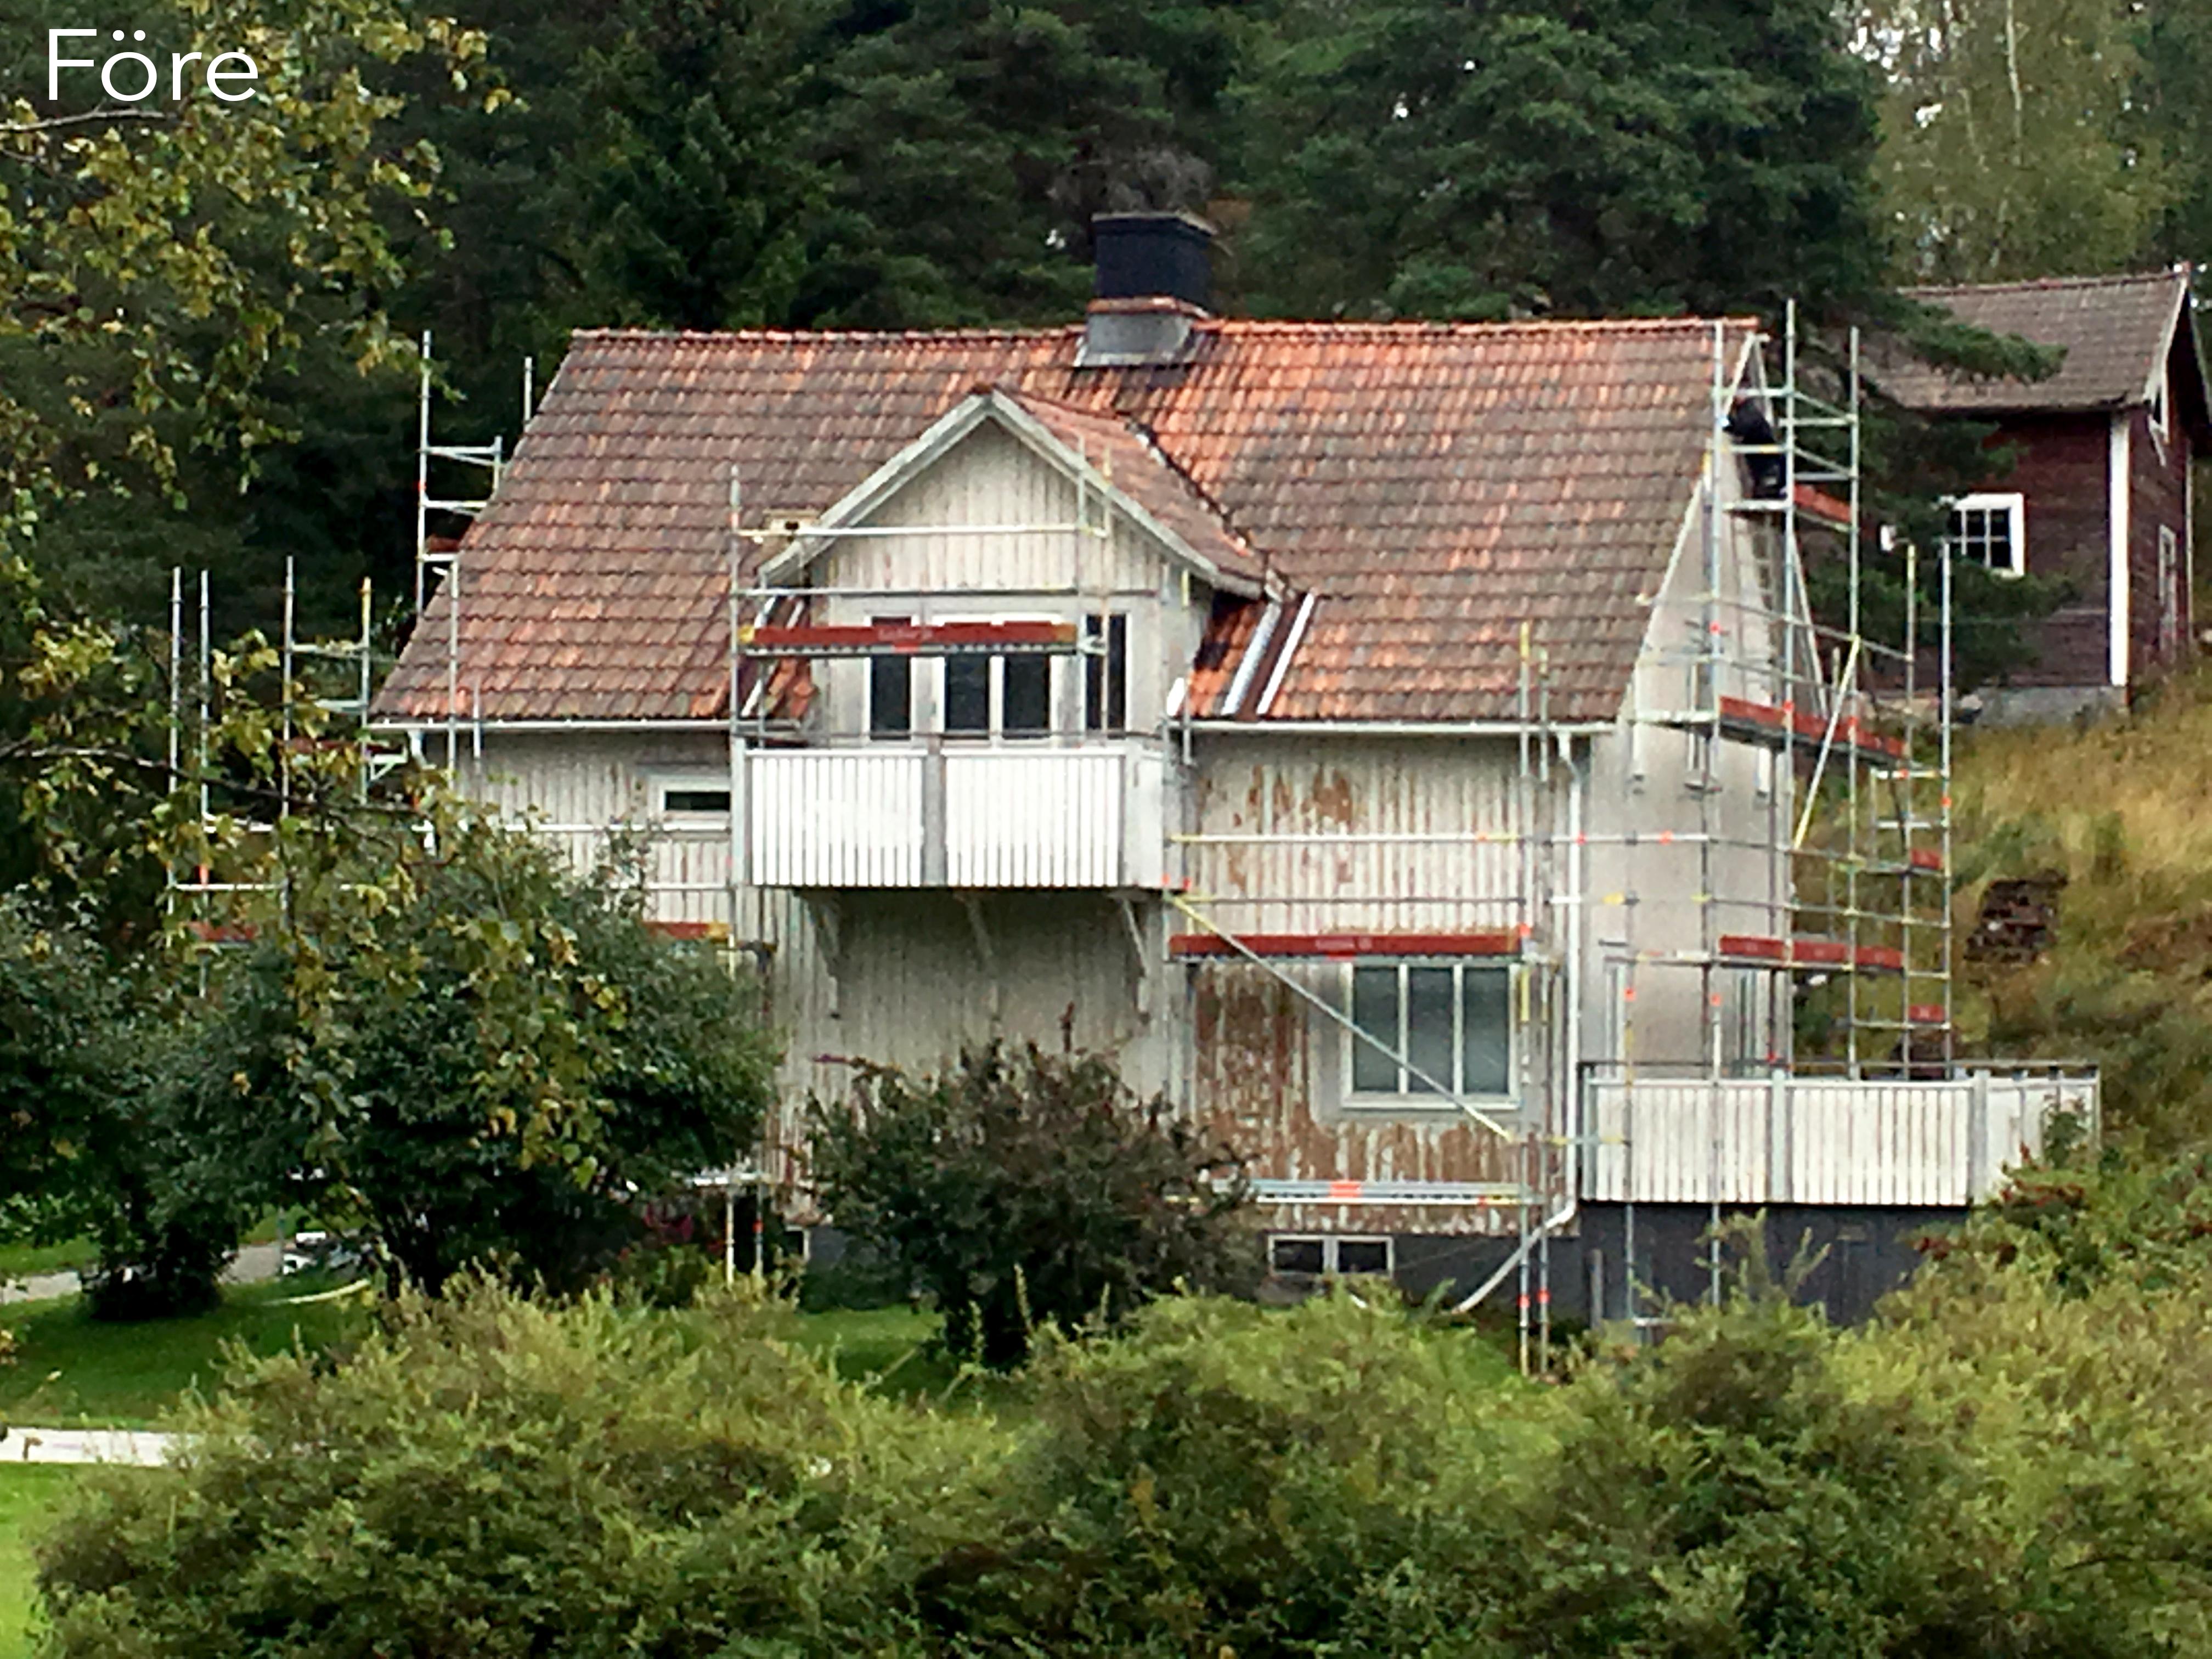 Förebild INNAN takbyte och fasadbyte.